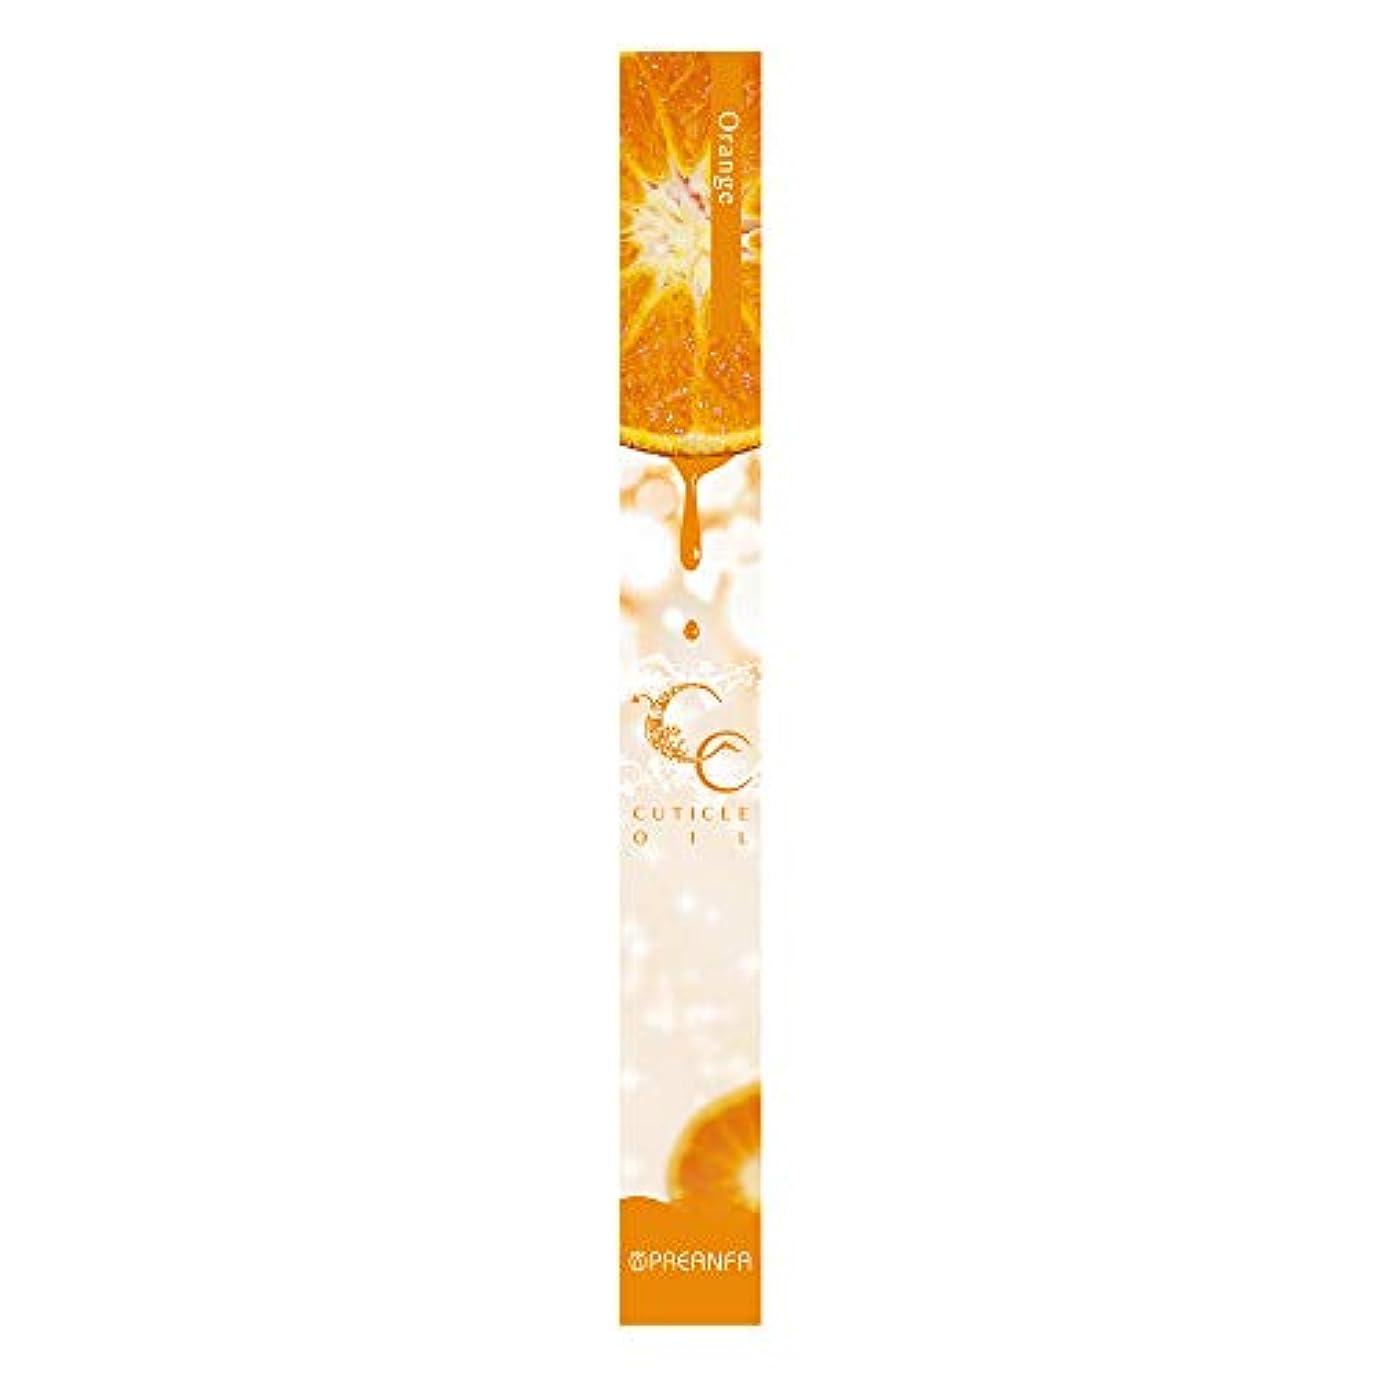 ホバート神経衰弱よりプリジェル 甘皮ケア CCキューティクルオイル オレンジ 4.5g 保湿オイル ペンタイプ